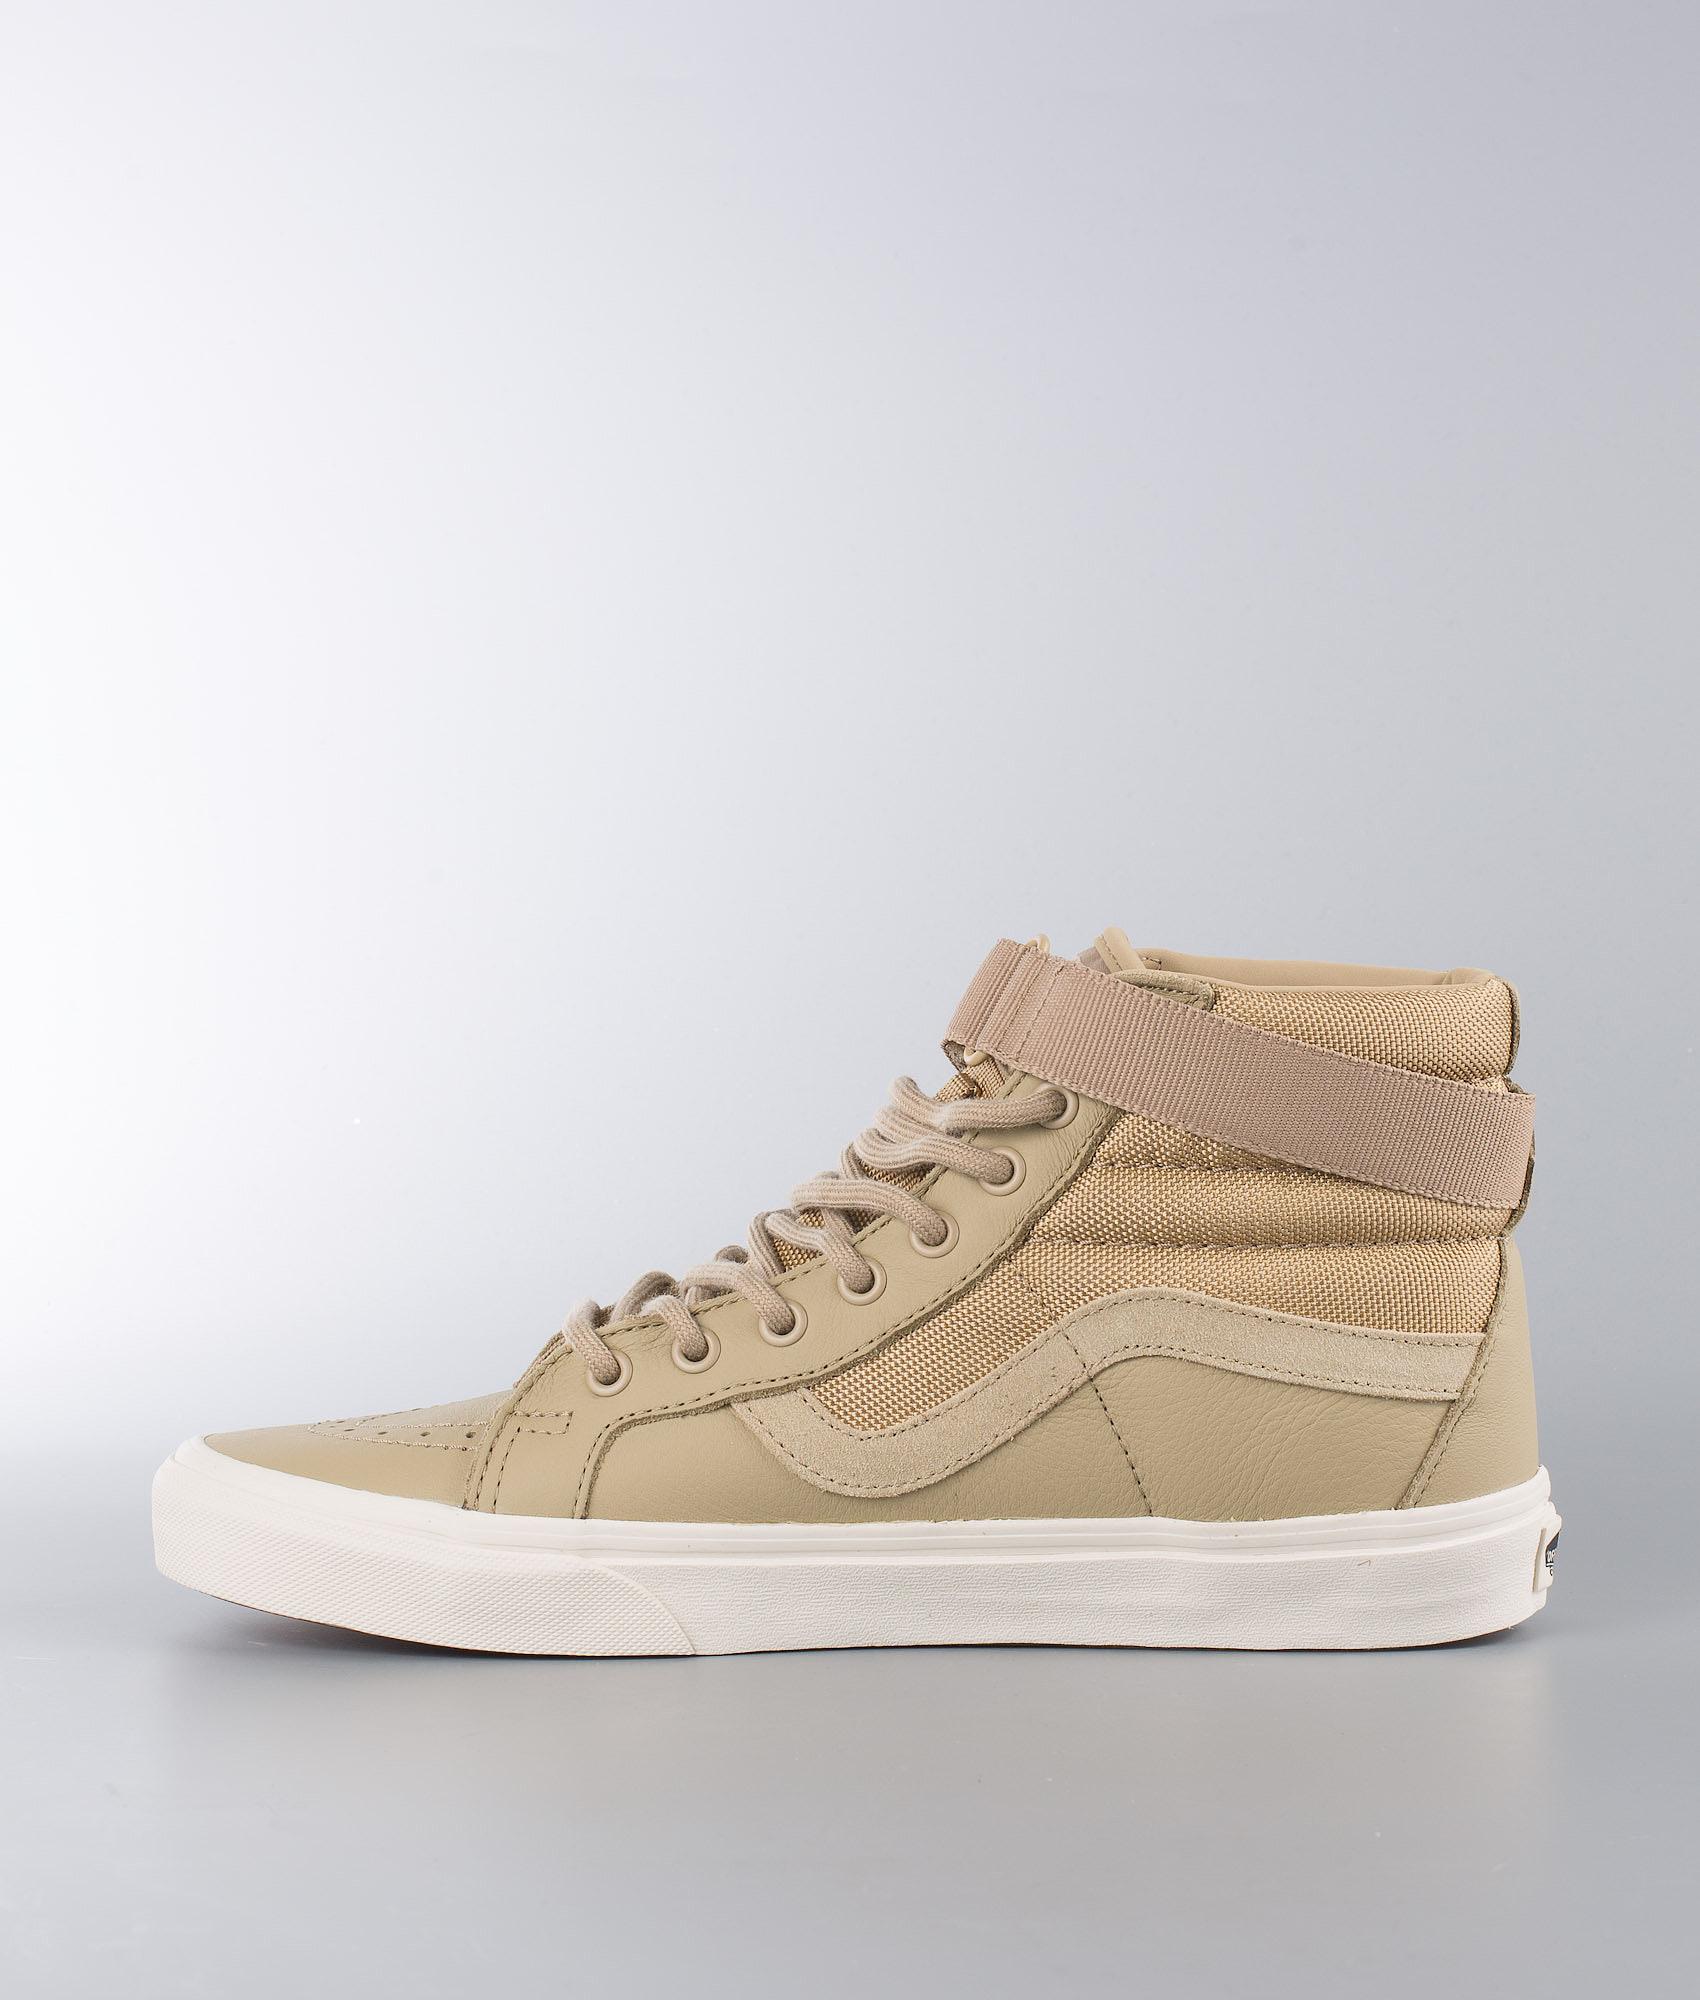 19b98233c63bde Vans Sk8-Hi Reissue Strap Shoes (Leather) Ballistic Cornstalk ...